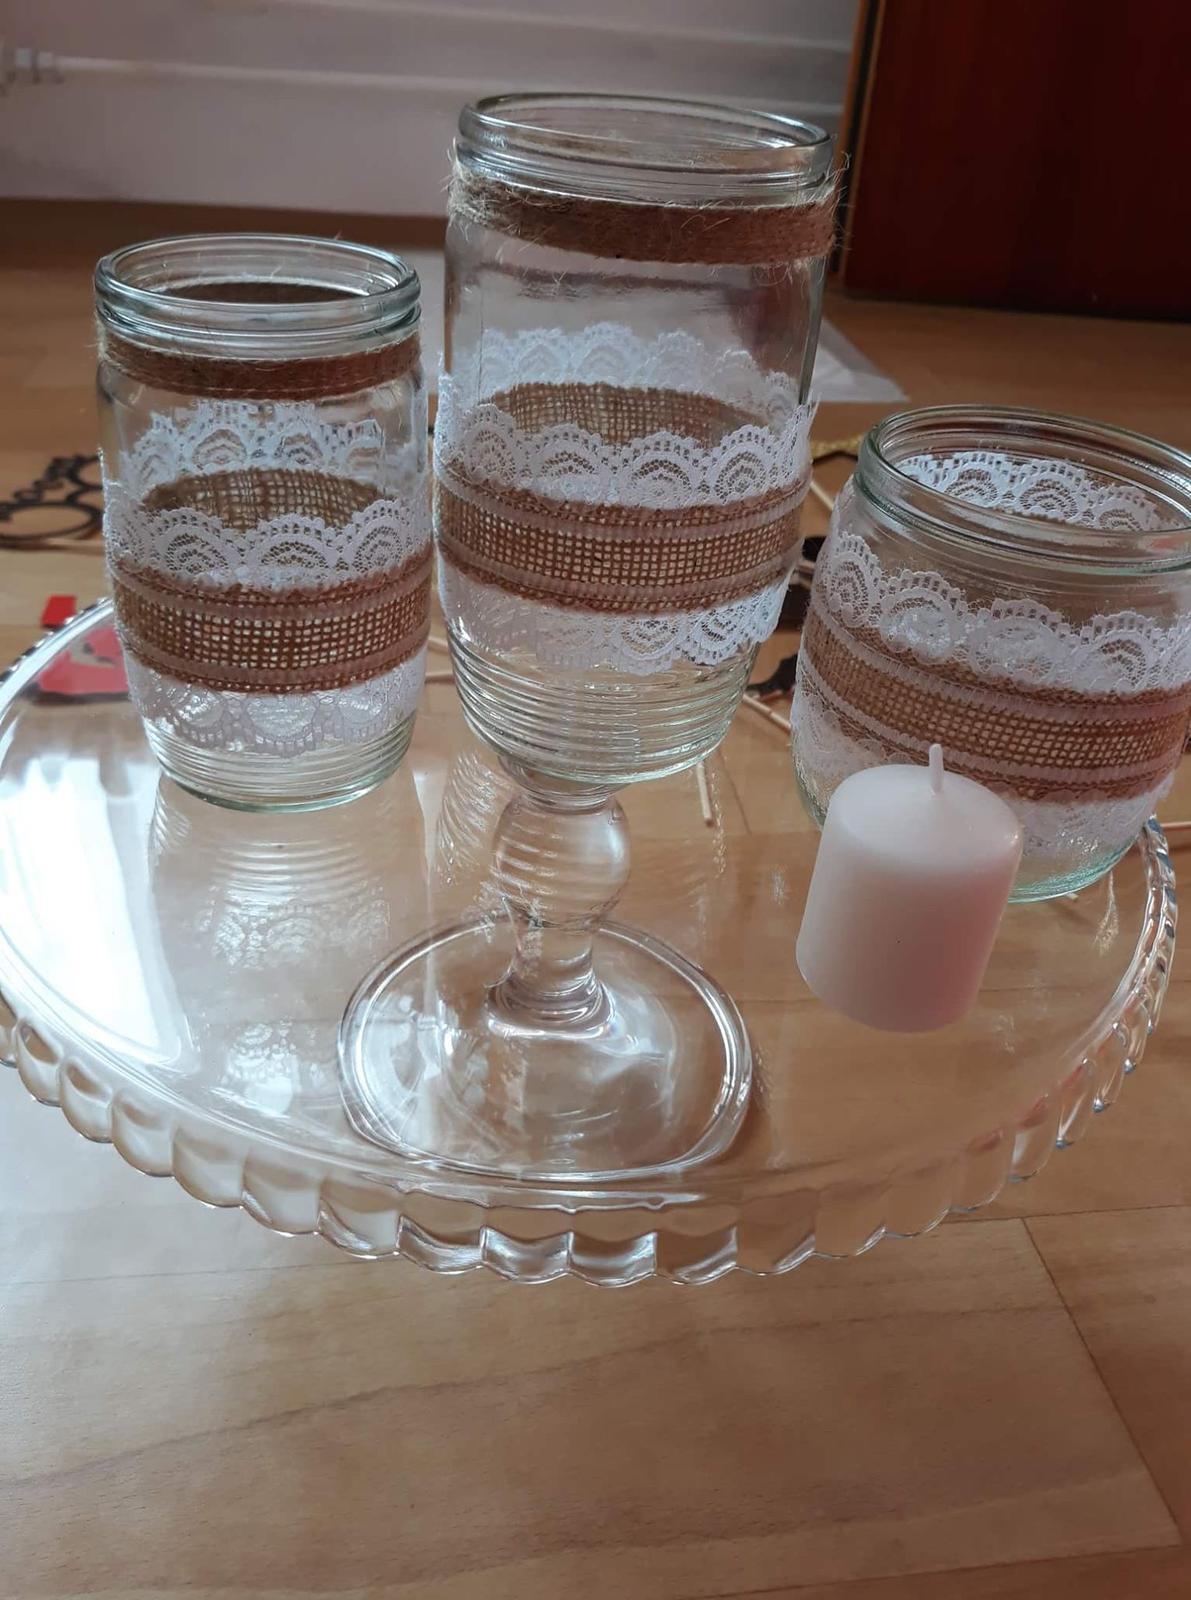 Zdobné sklenice na svíčky a kytky - Obrázek č. 4